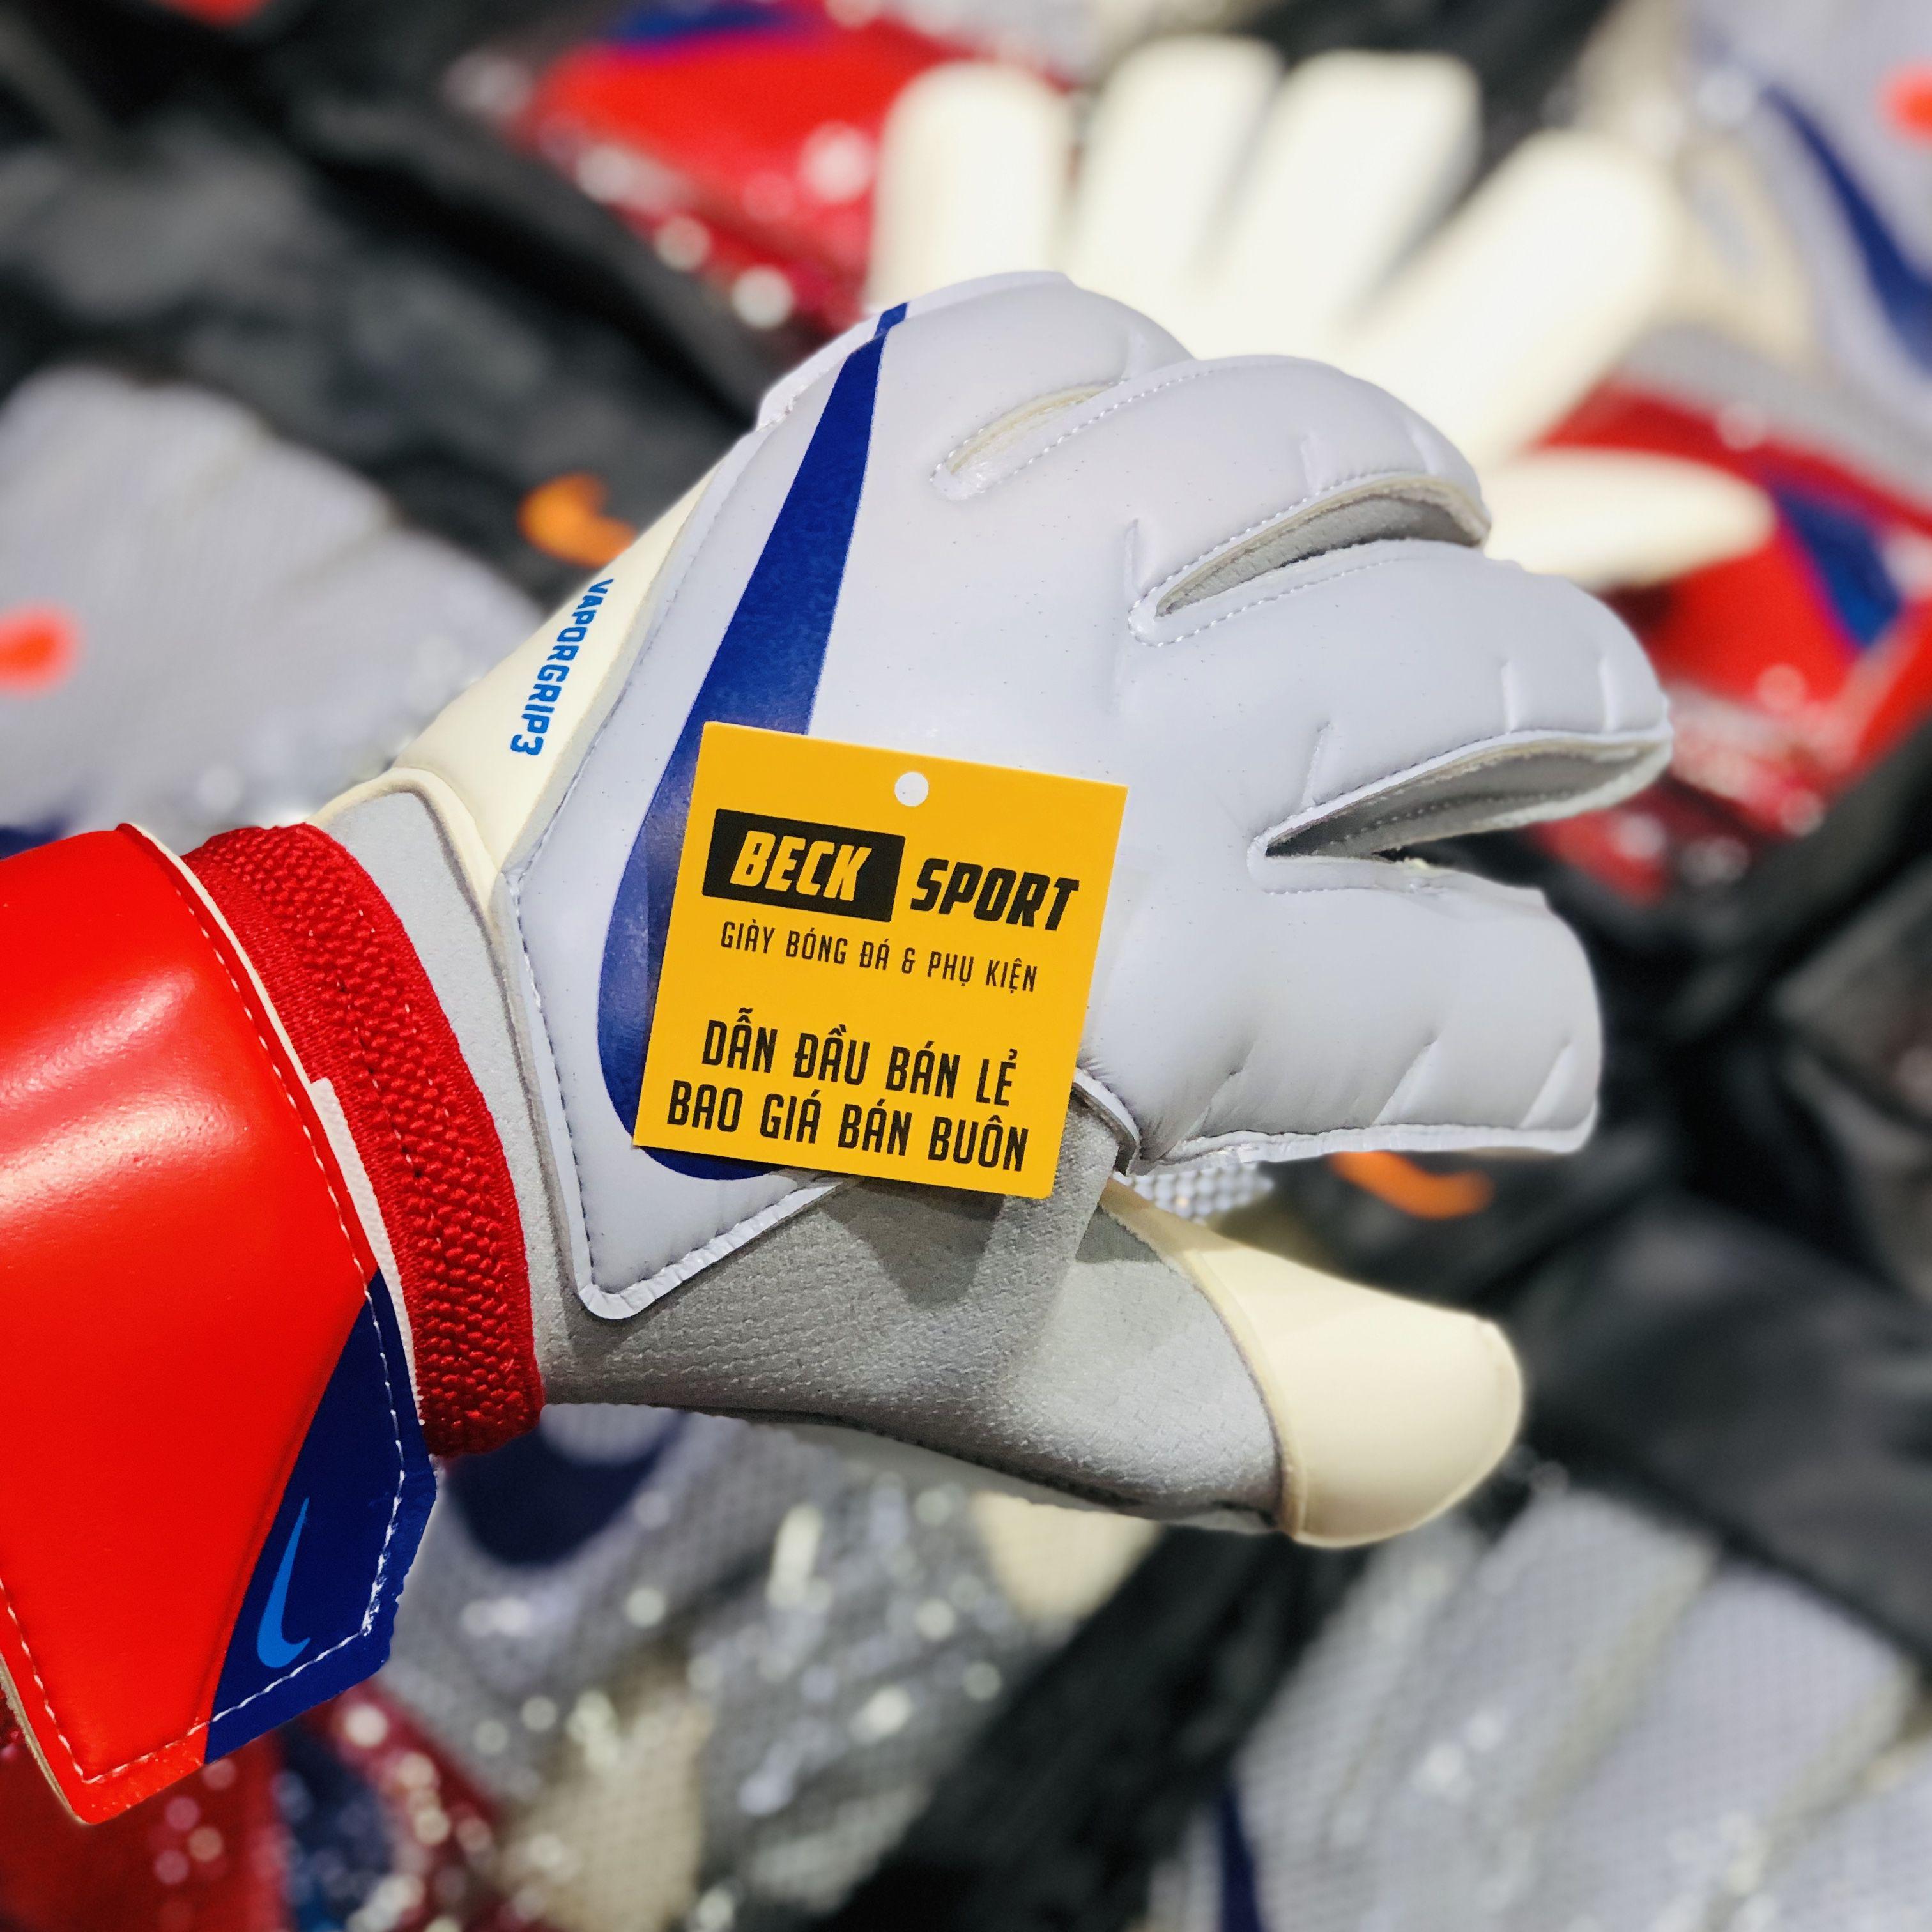 Găng Tay Nike Vapor Grip 3 Xám Đỏ Vạch Xanh Than ( Không Xương )